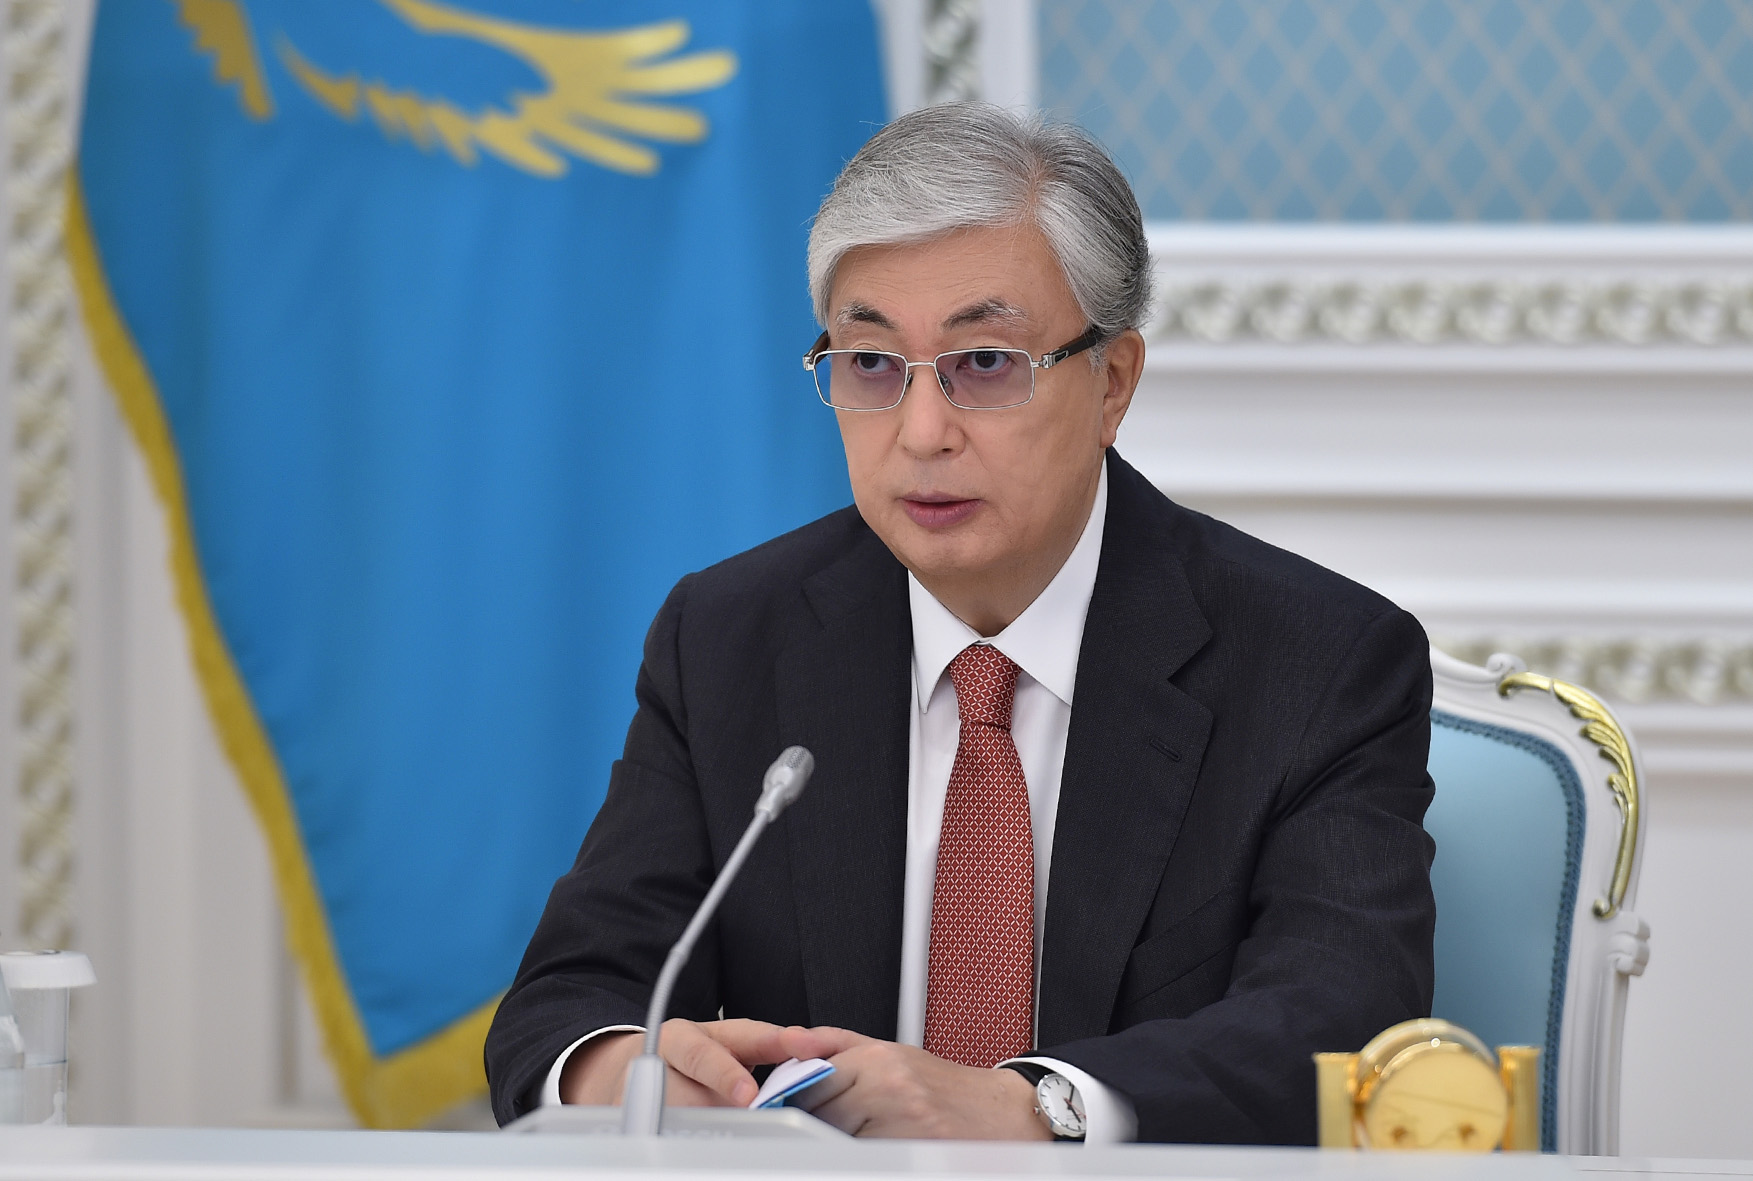 Токаев: «Конституция создала прочный правовой базис нашей независимости»